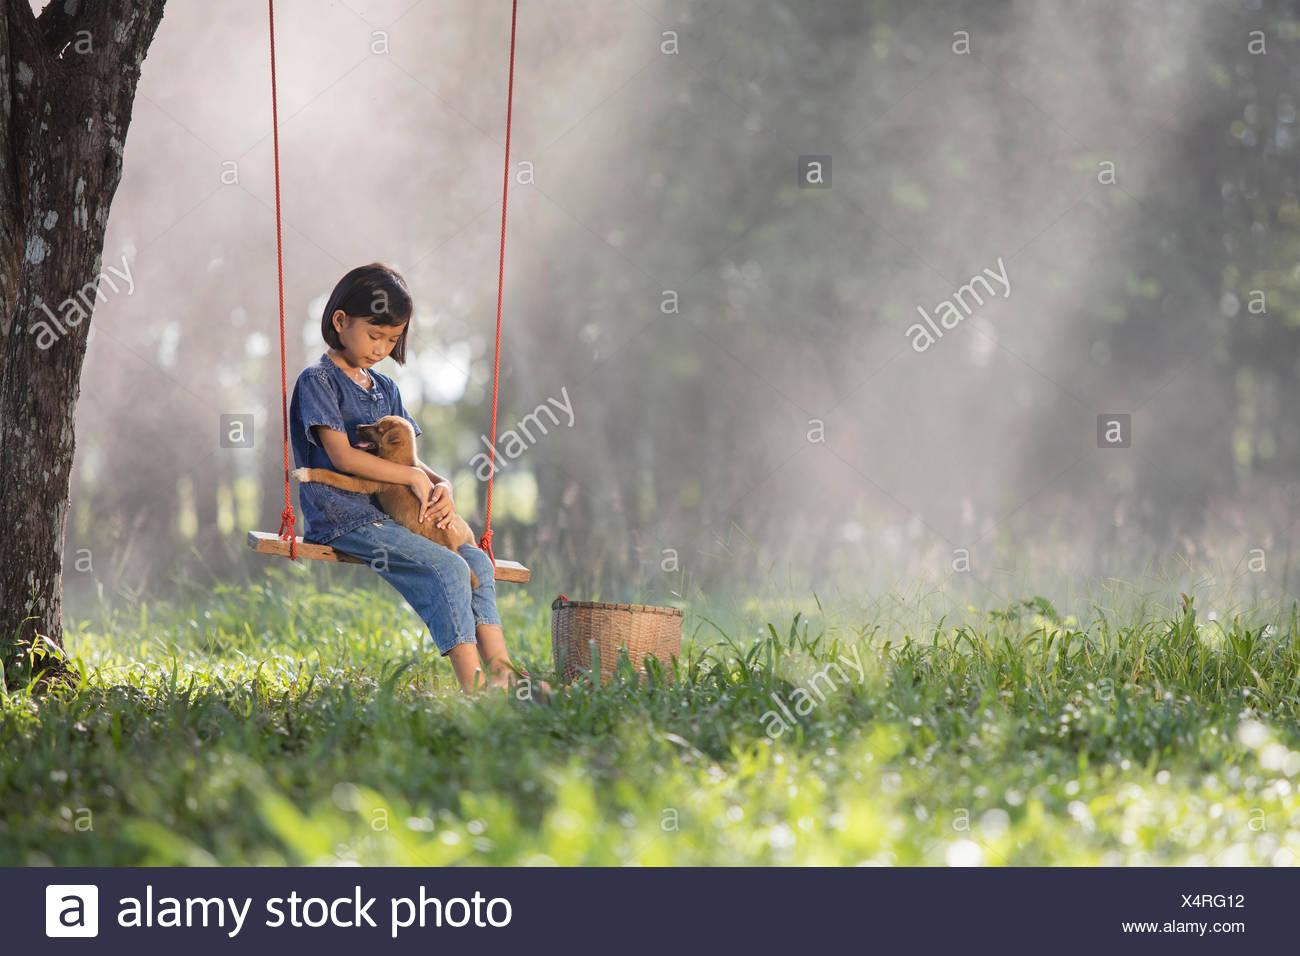 Chica sentada en un columpio con perro en su regazo Foto de stock